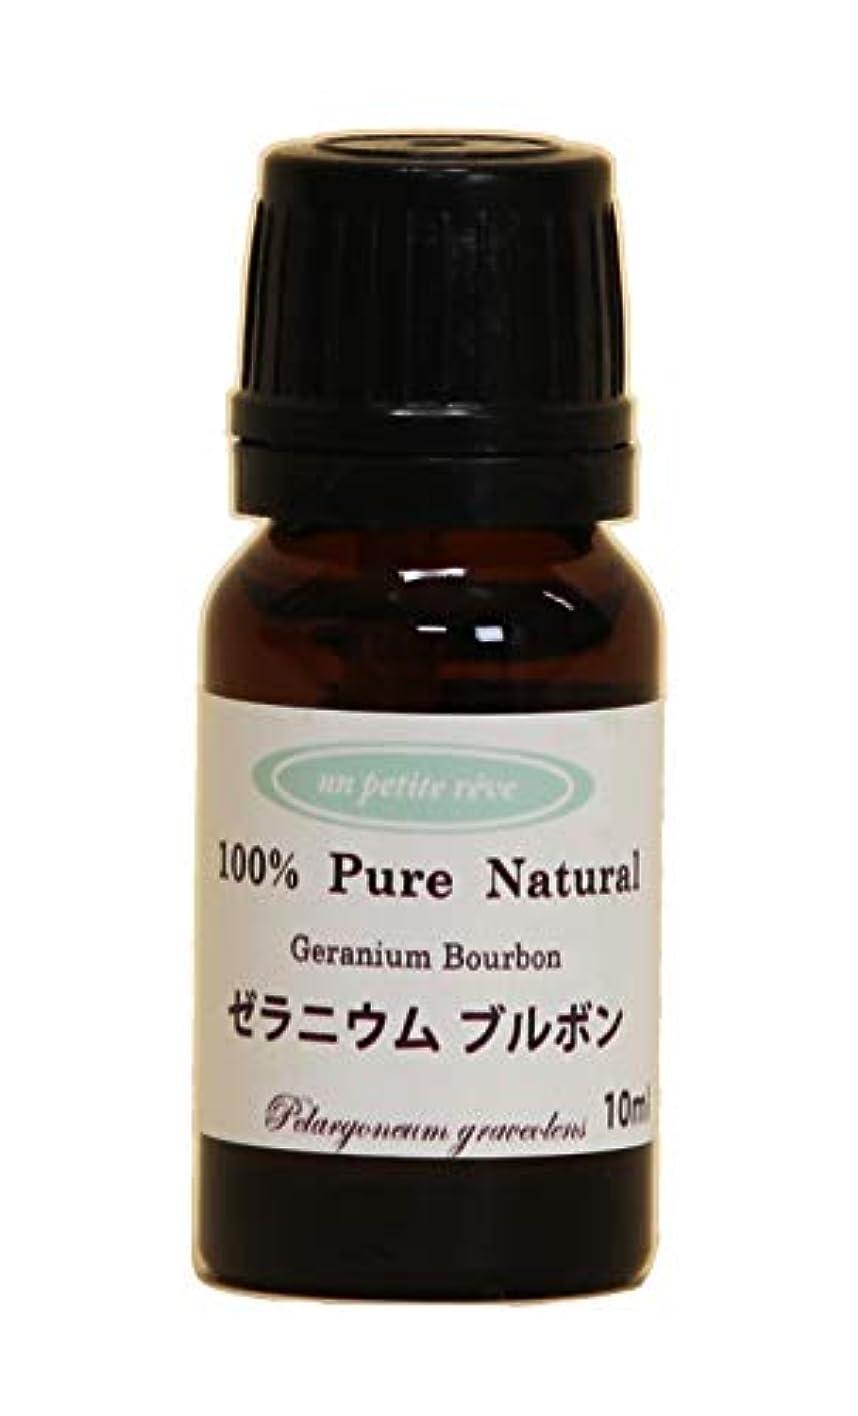 クレジット蜂南ゼラニウムブルボン  10ml 100%天然アロマエッセンシャルオイル(精油)